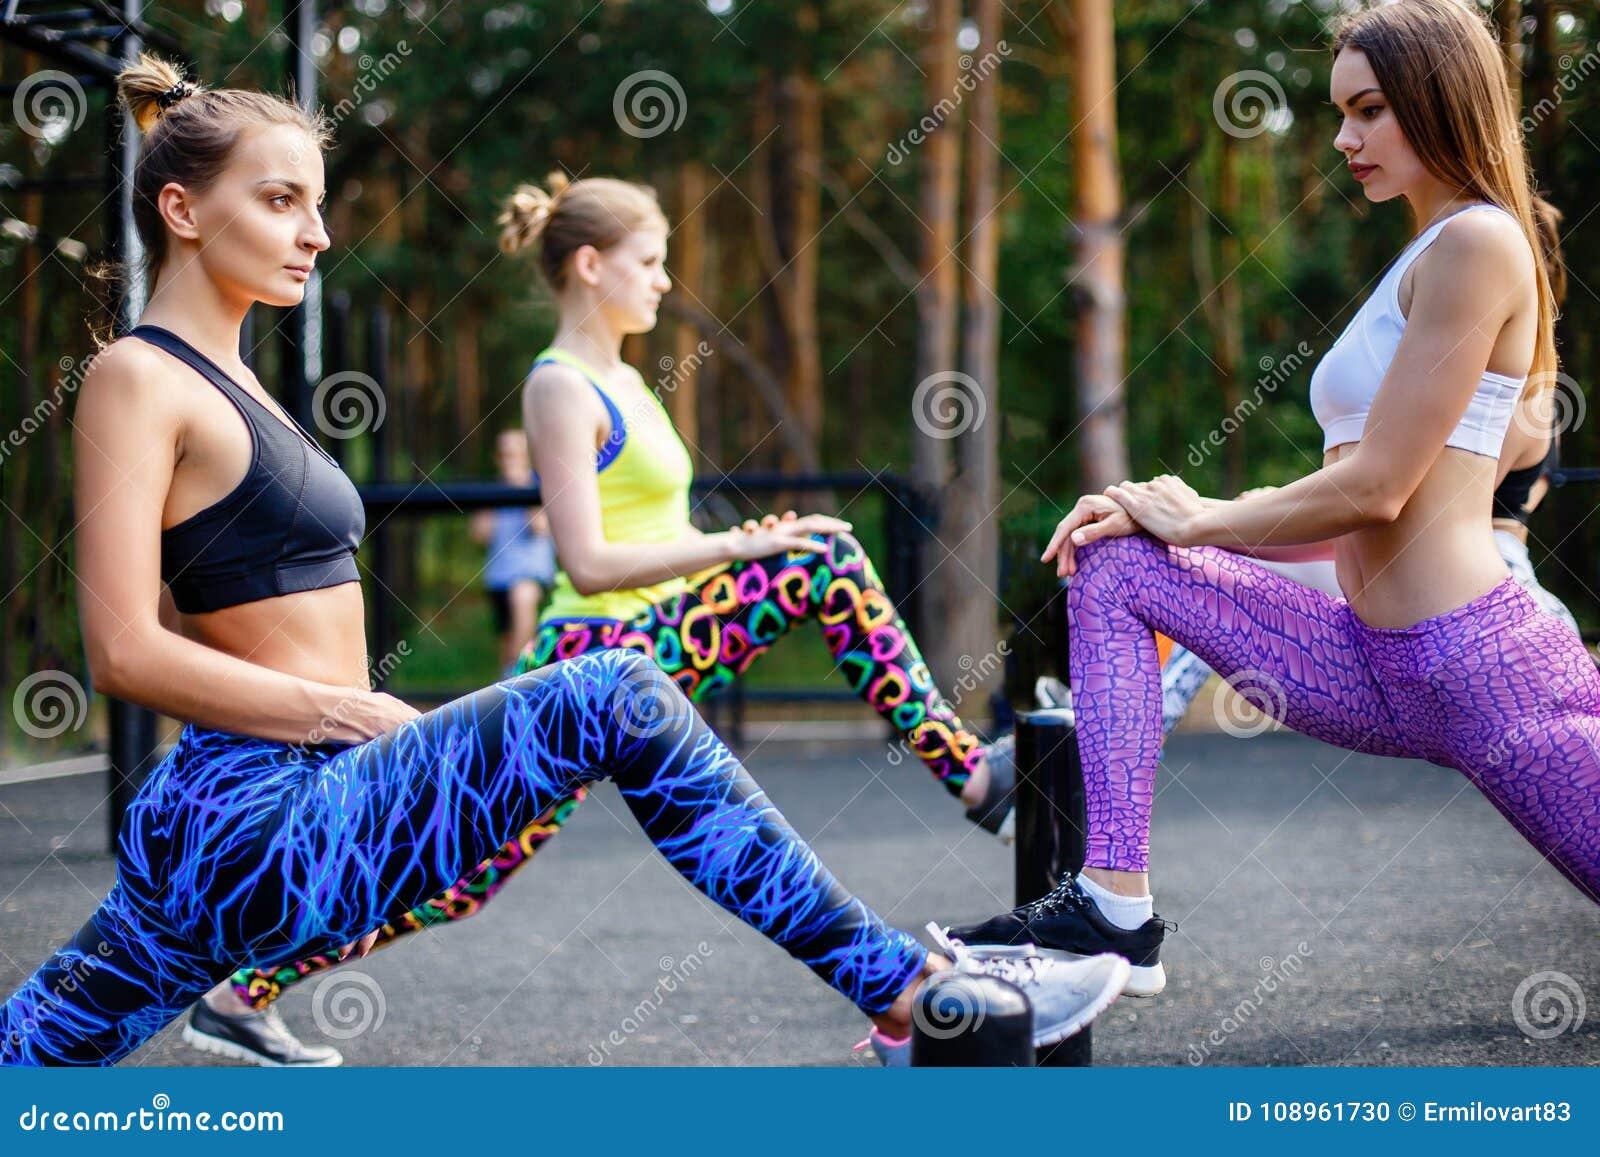 Sprawność fizyczna, sport, przyjaźń i zdrowy stylu życia pojęcie, - grupa atrakcyjne młode kobiety robi lunge outdoors